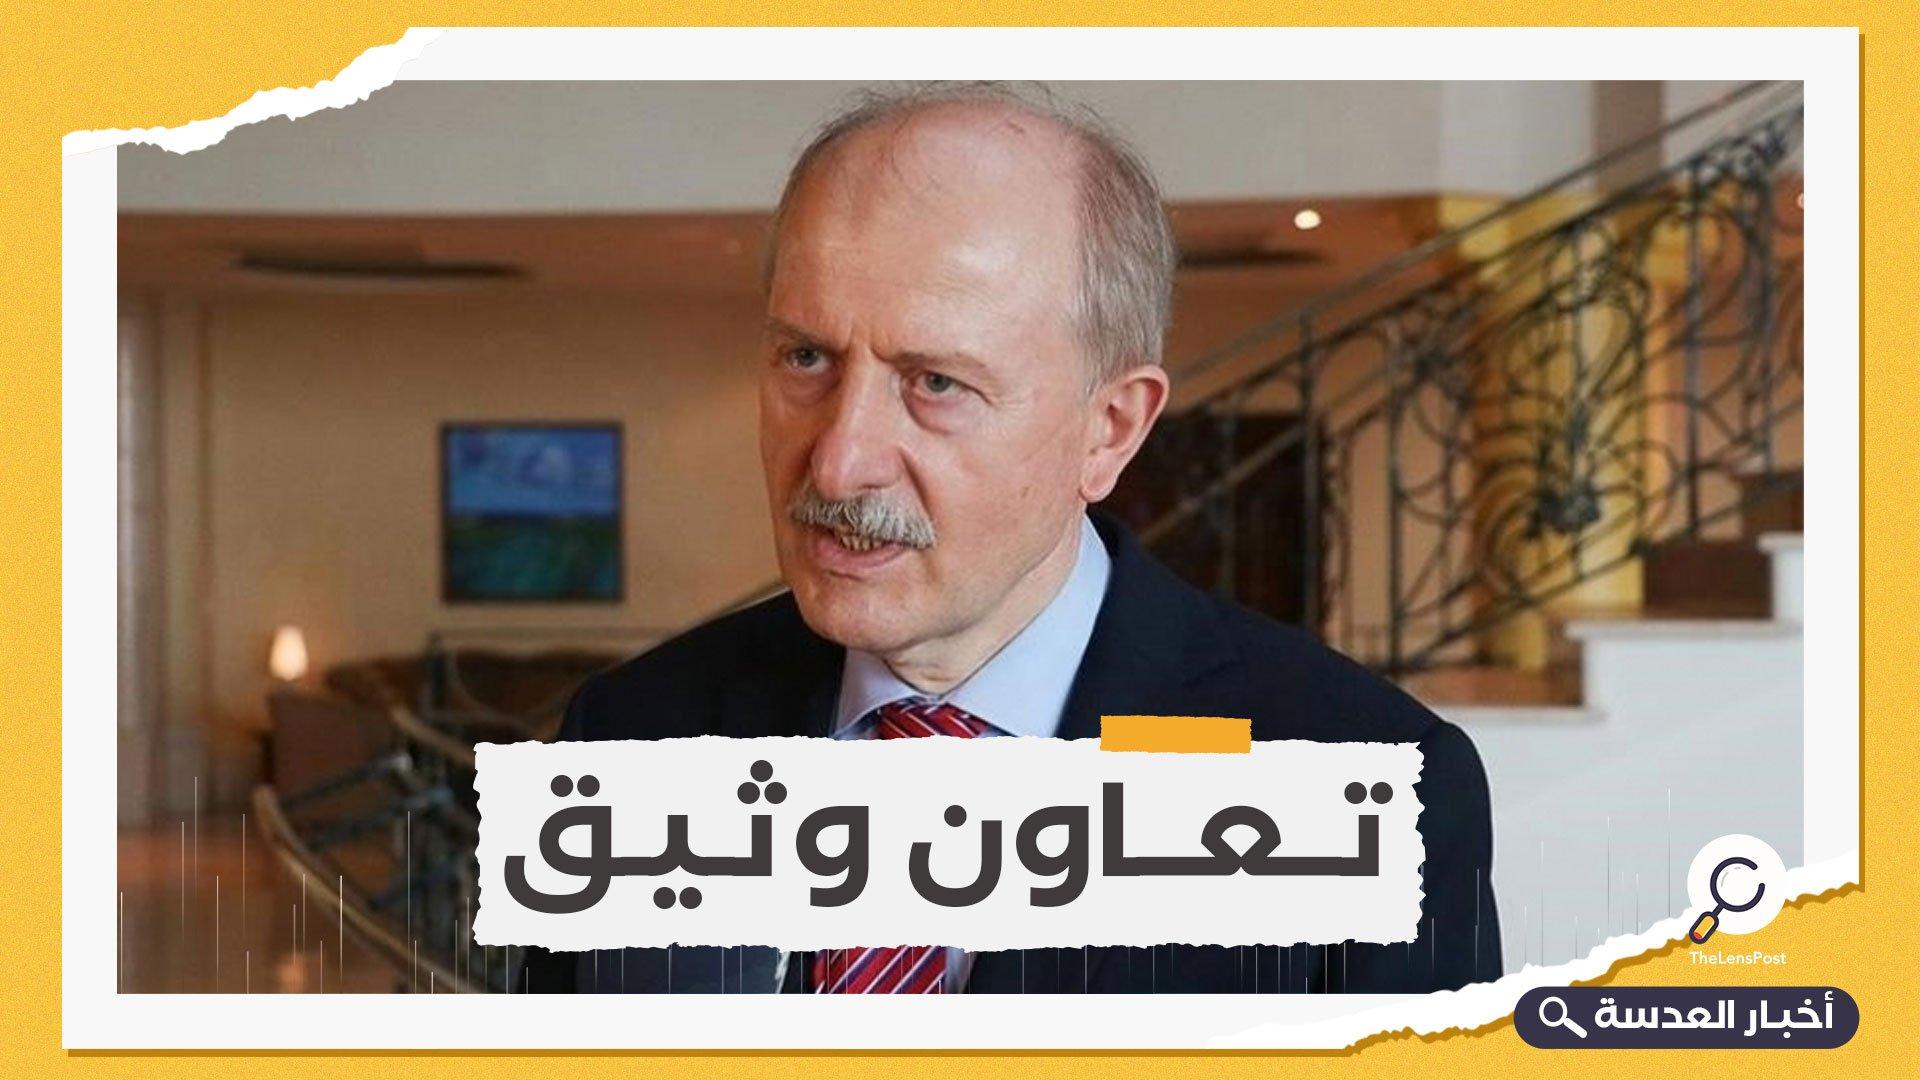 مسؤول تركي يعلن بدء مشروع توأمة مع البلديات الليبية قريبًا